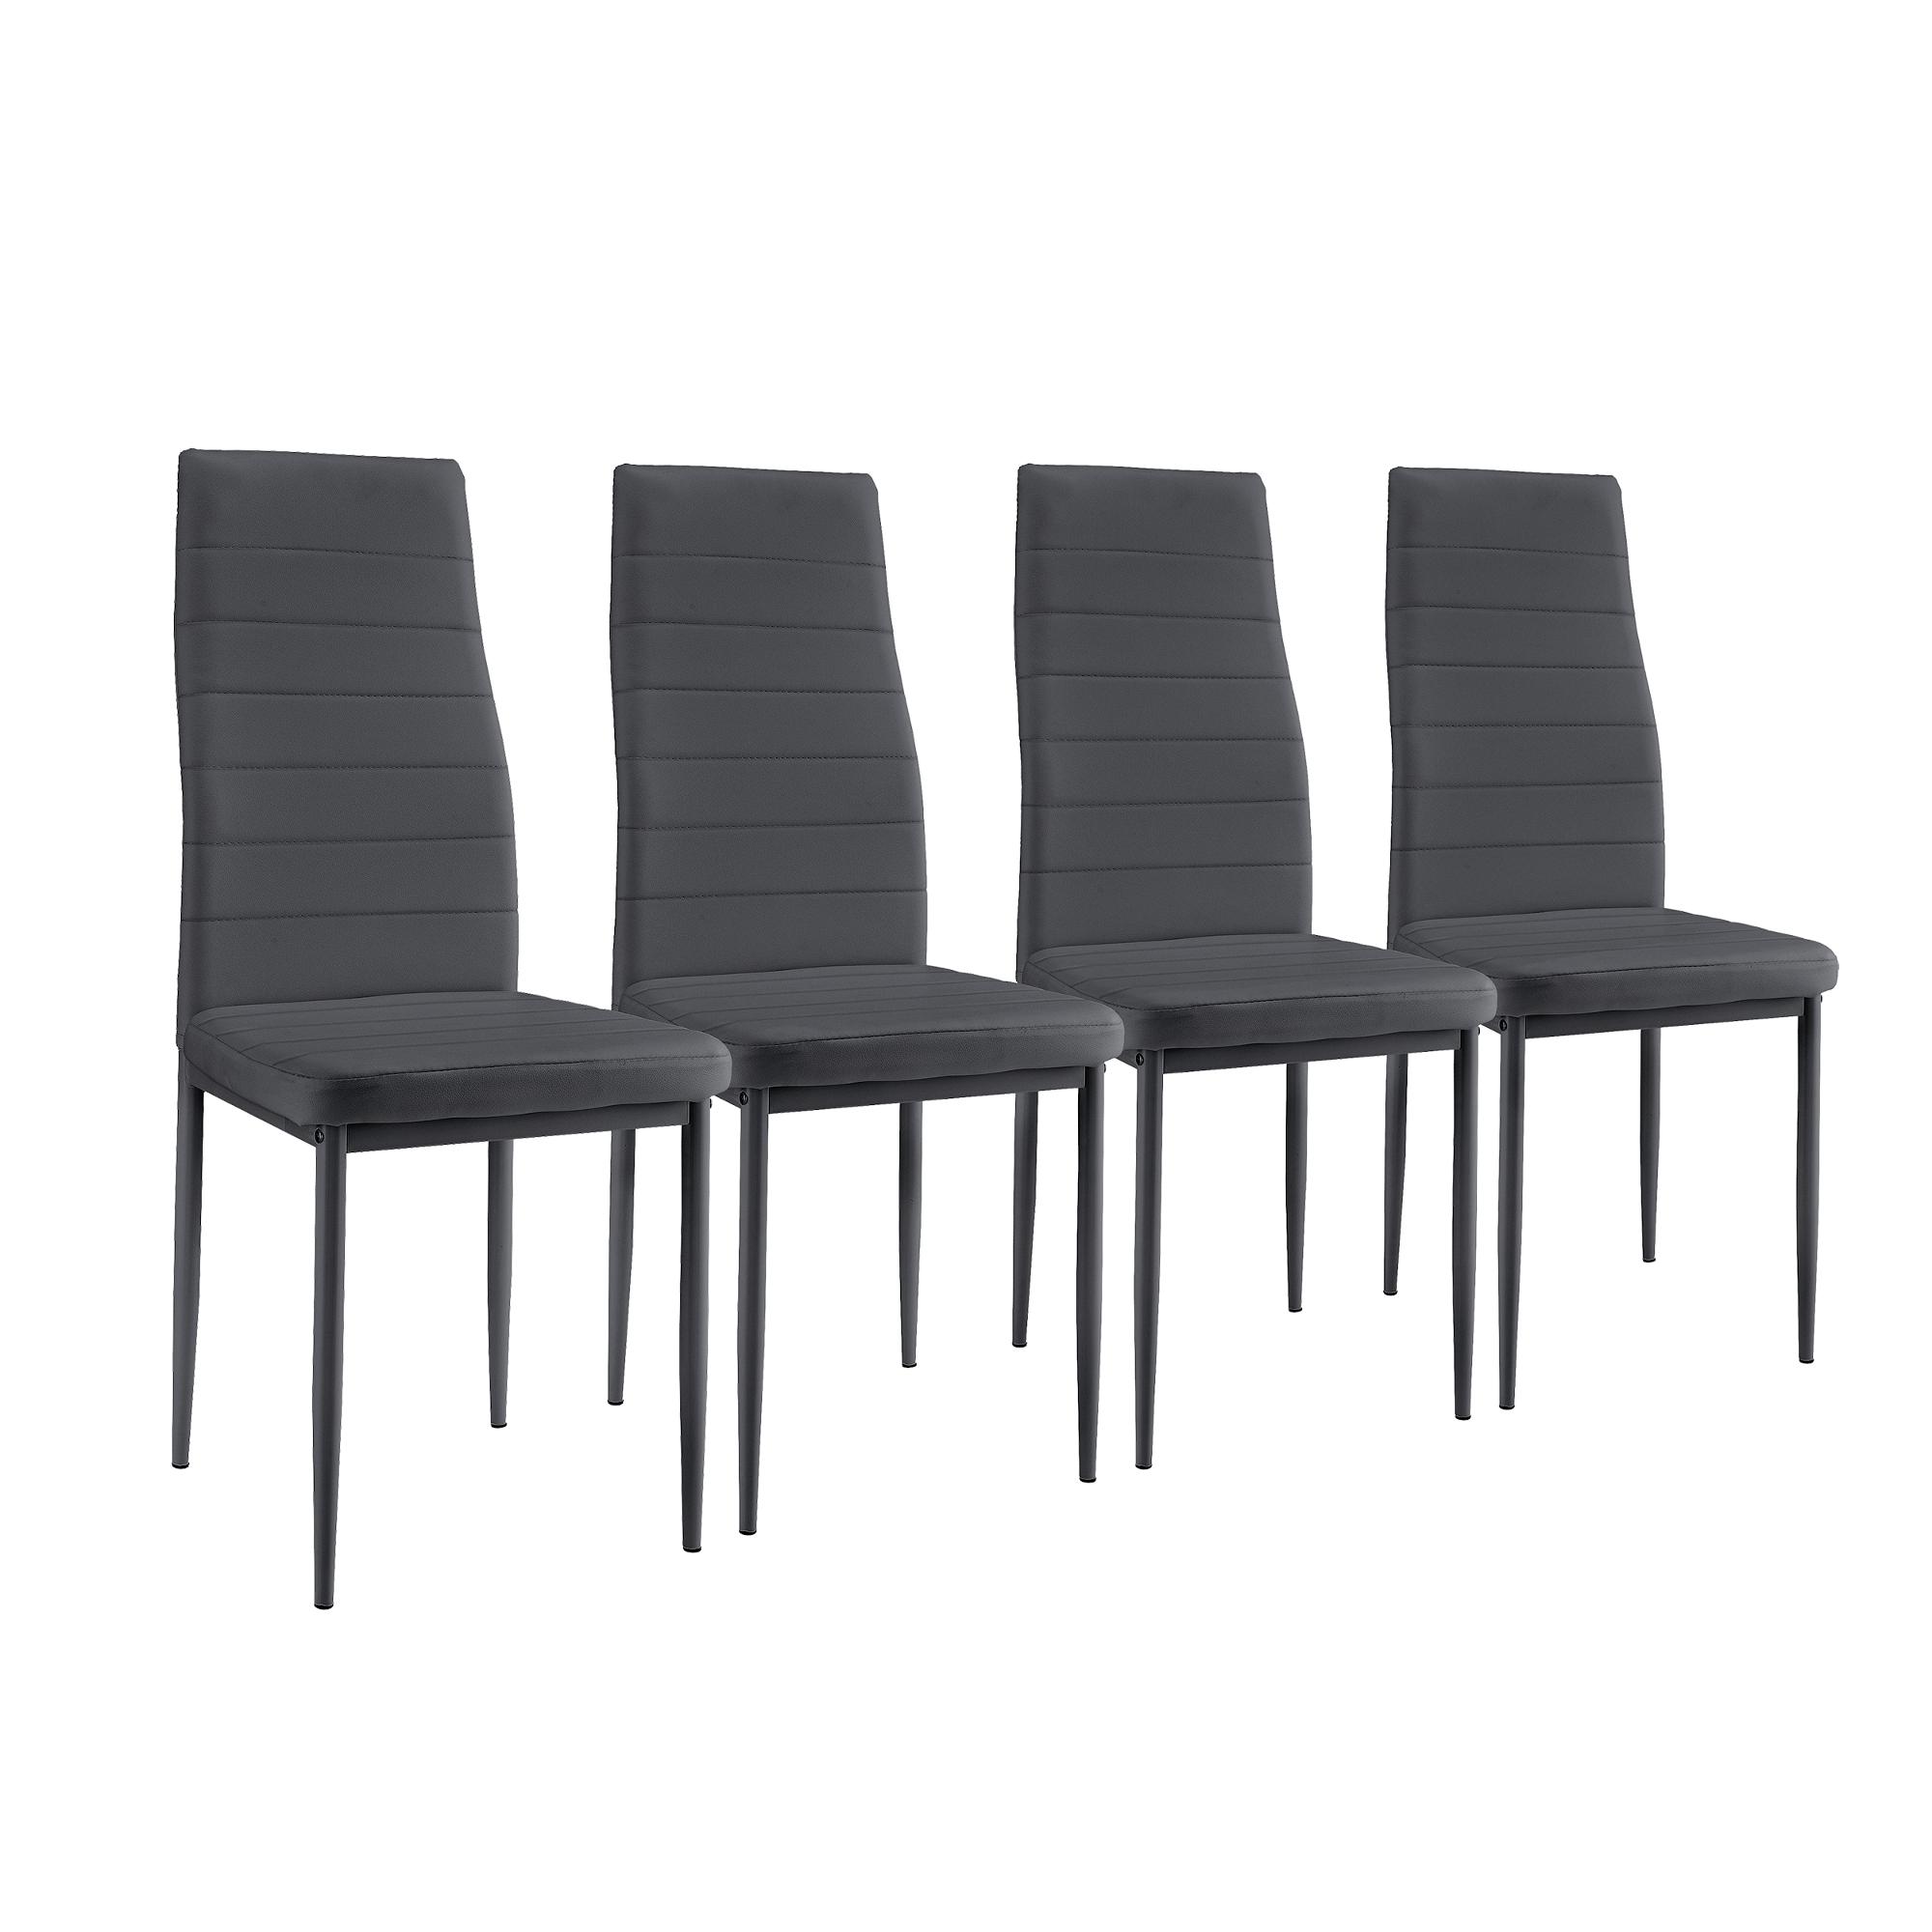 Sedie A Forma Di Sedere Costo dettagli su [en.casa]® tavolo da pranzo con 4 sedie nere/grigio 120x70  tavolo cucina sala